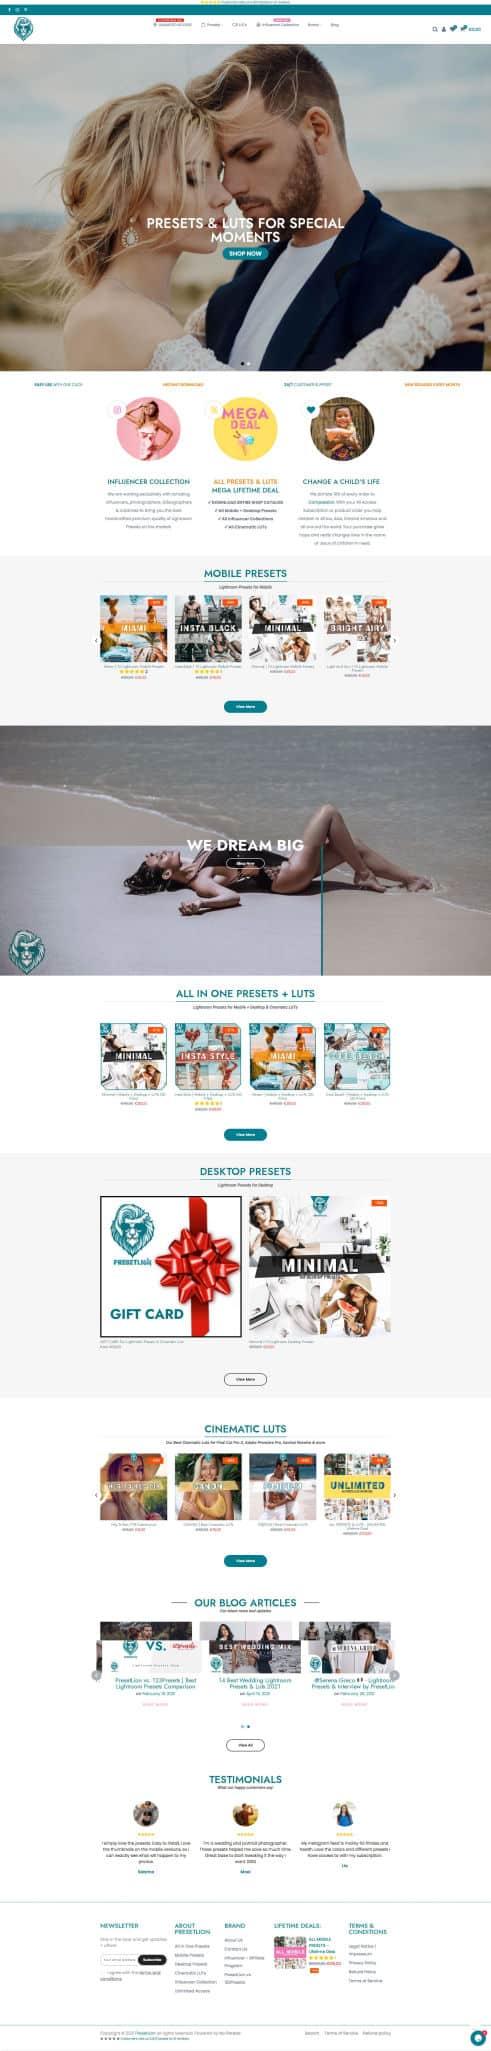 Webdesign Karlsruhe - Werbeagentur - Marketing Agentur Karlsruhe Presetlion